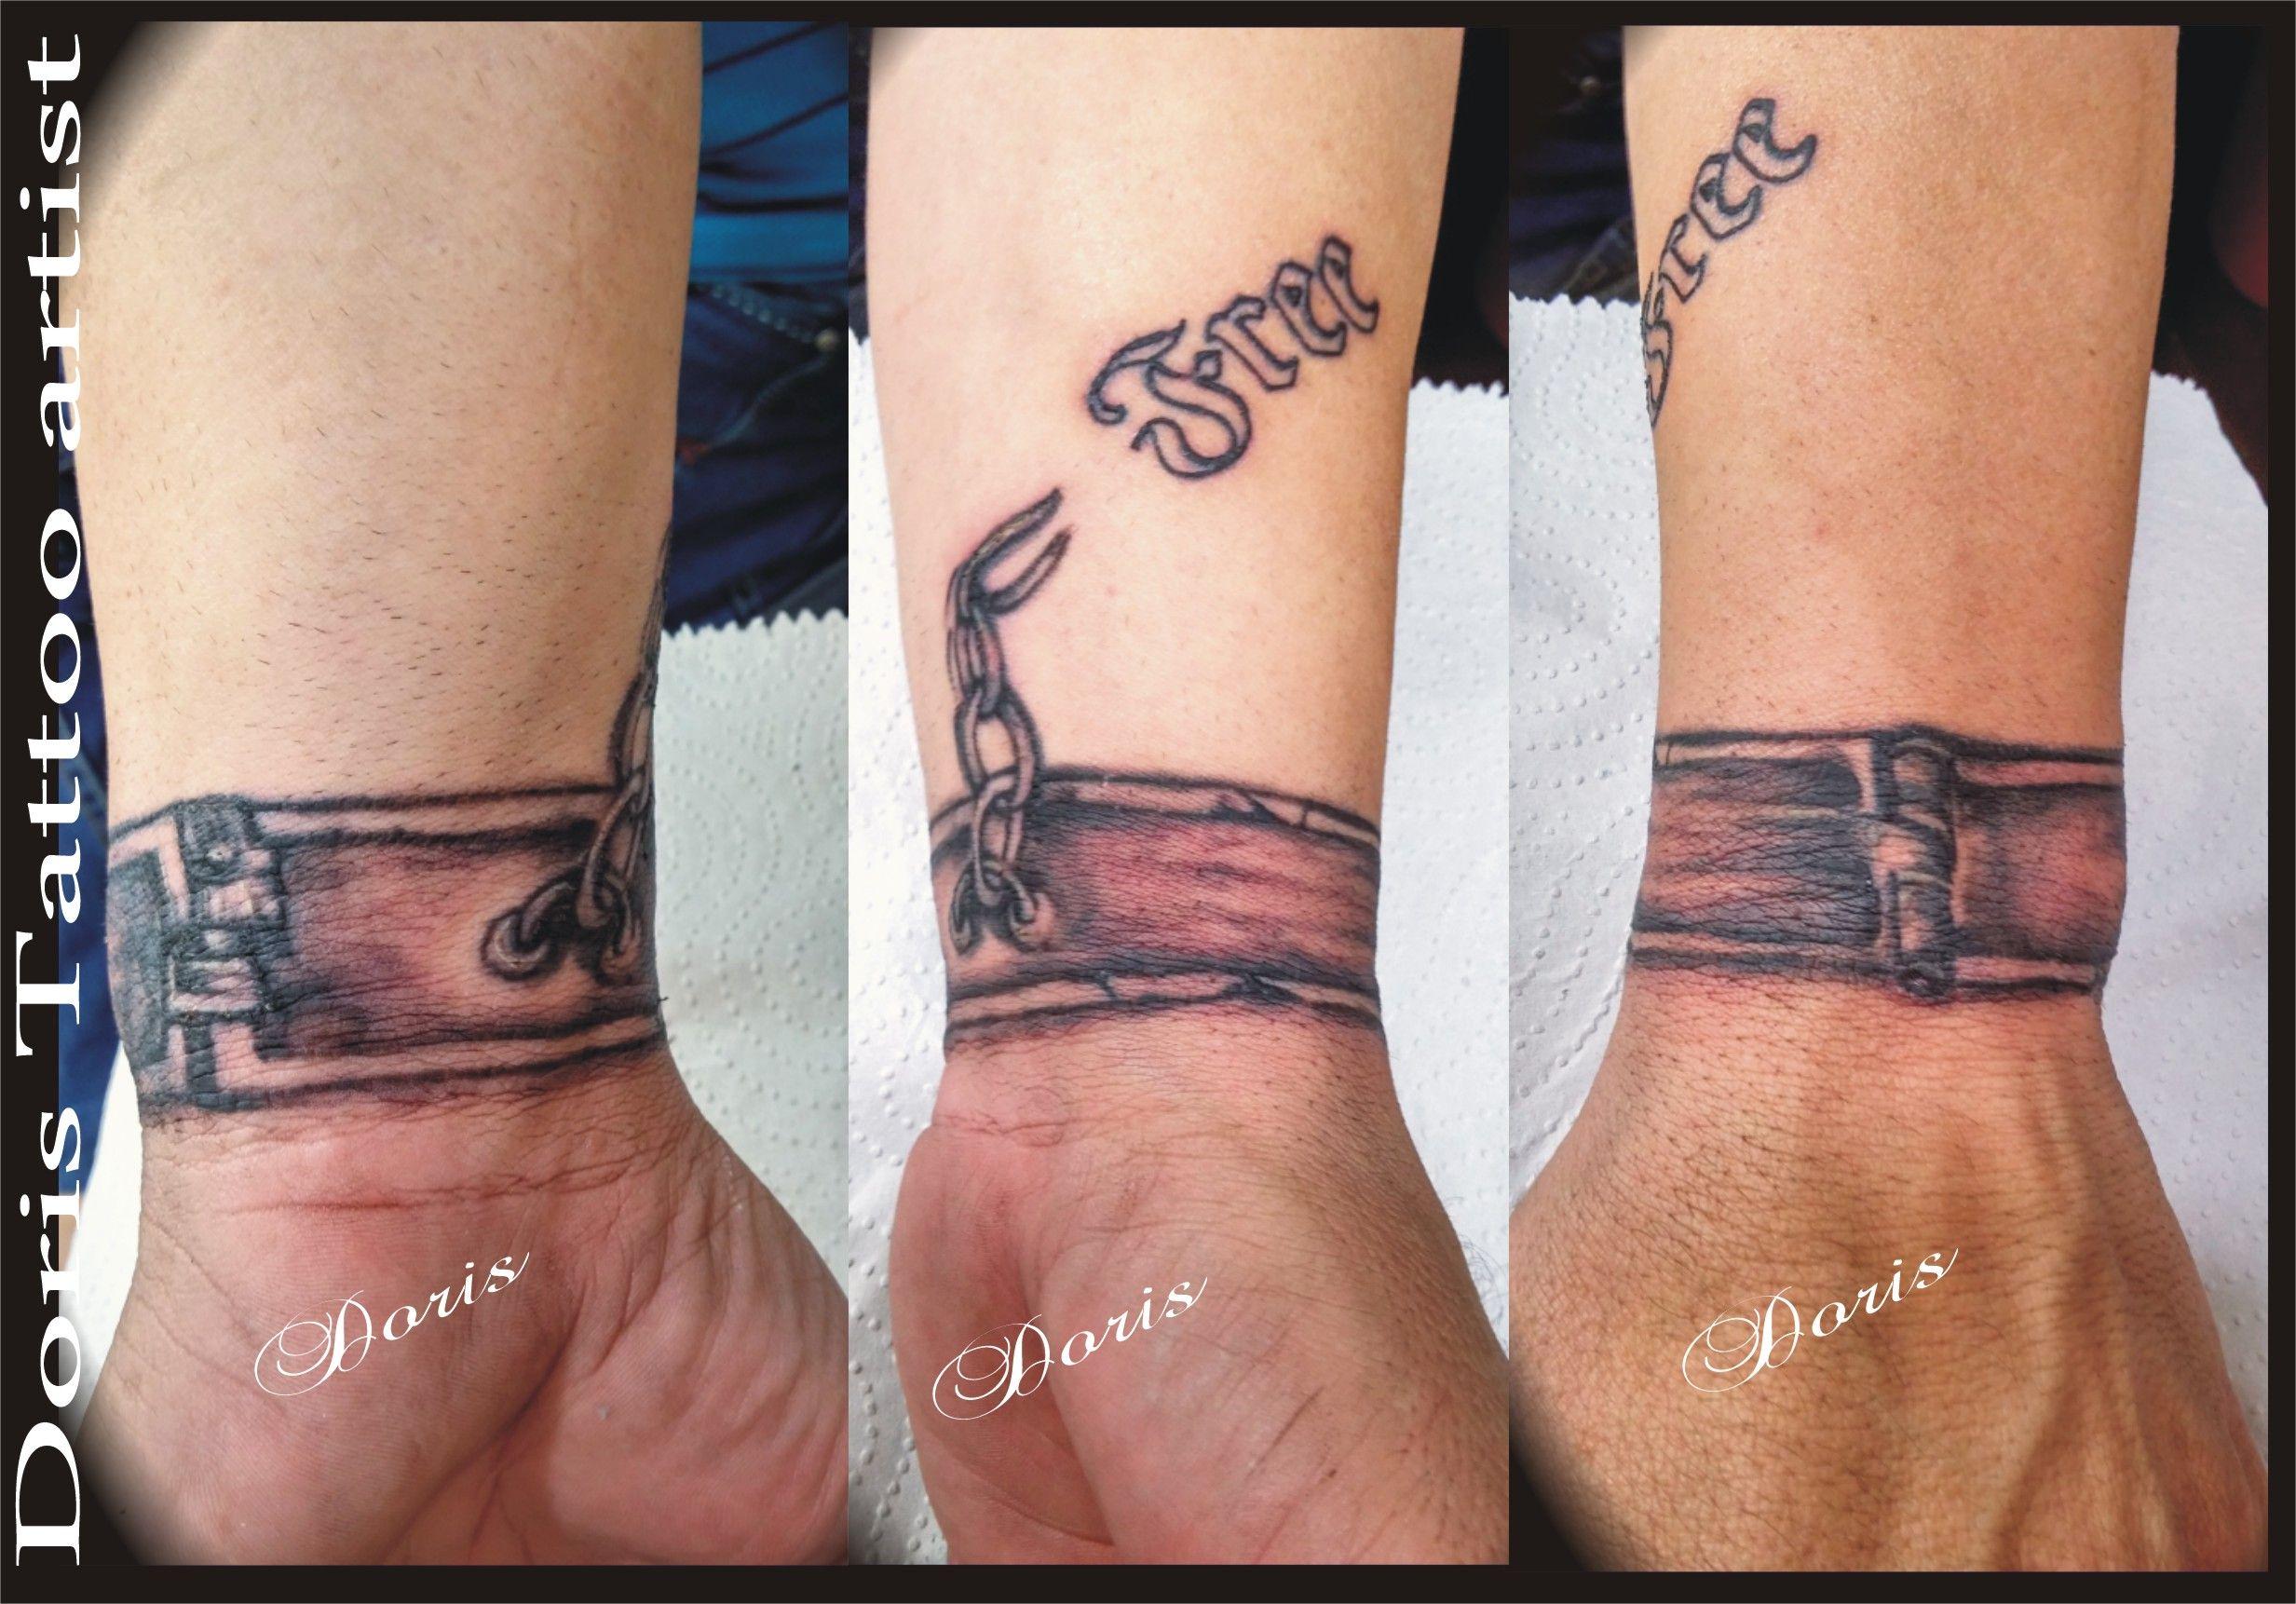 2b9269fa1 Slave shackles bracelet tattoo by Doris tattoo artist Israel ...